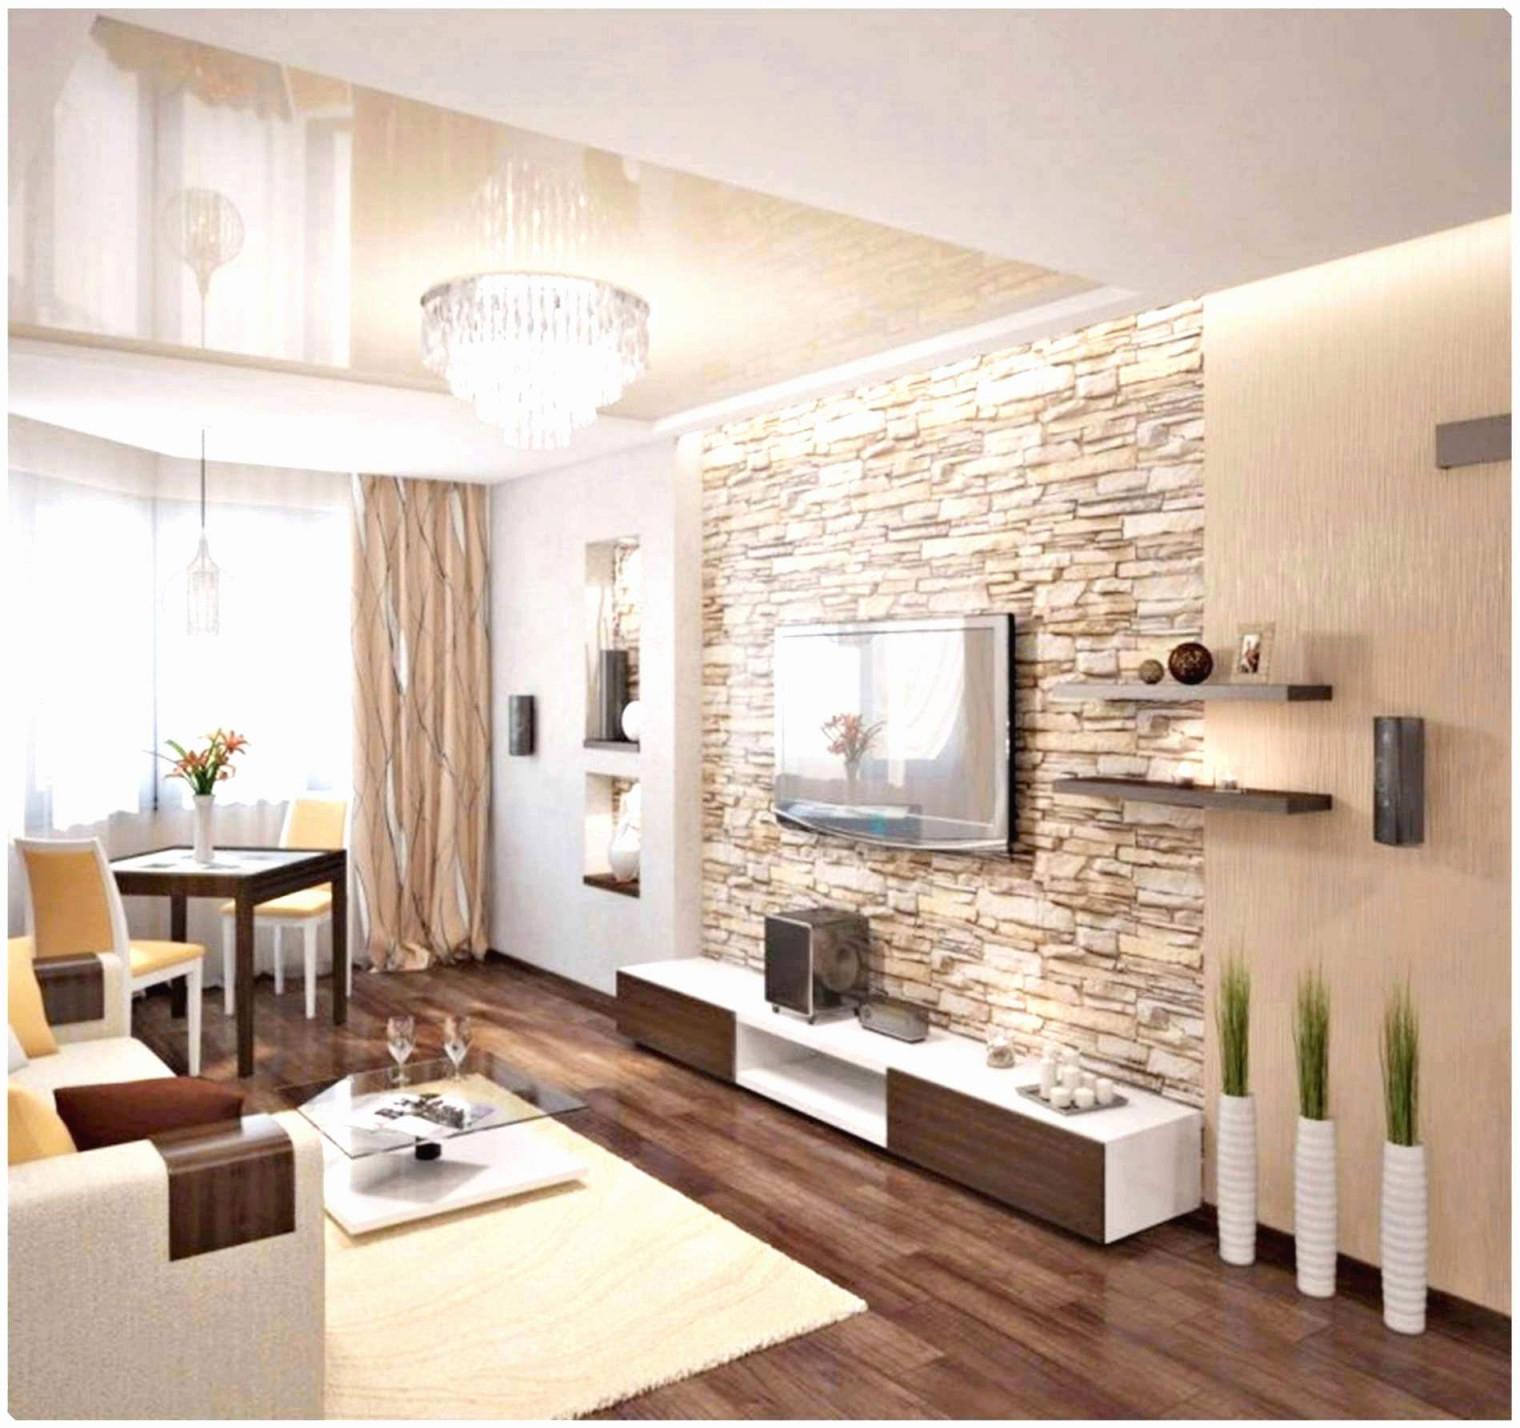 Moderne Wanduhr Wohnzimmer Frisch Moderne Wohnzimmer Uhren von Moderne Wanduhren Für Wohnzimmer Photo